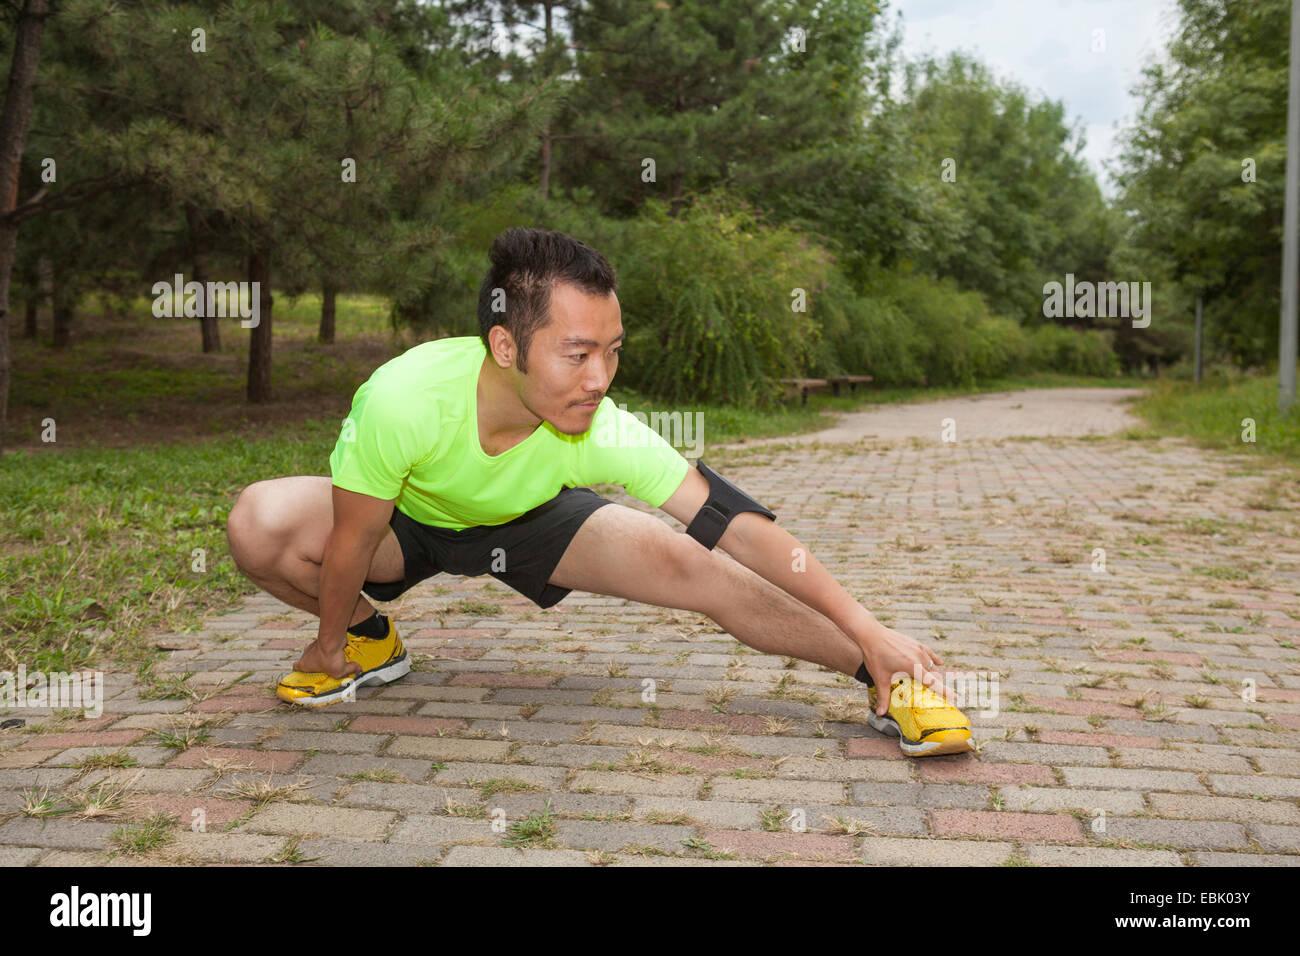 Junge männliche Läufer hocken und Strecken im park Stockbild